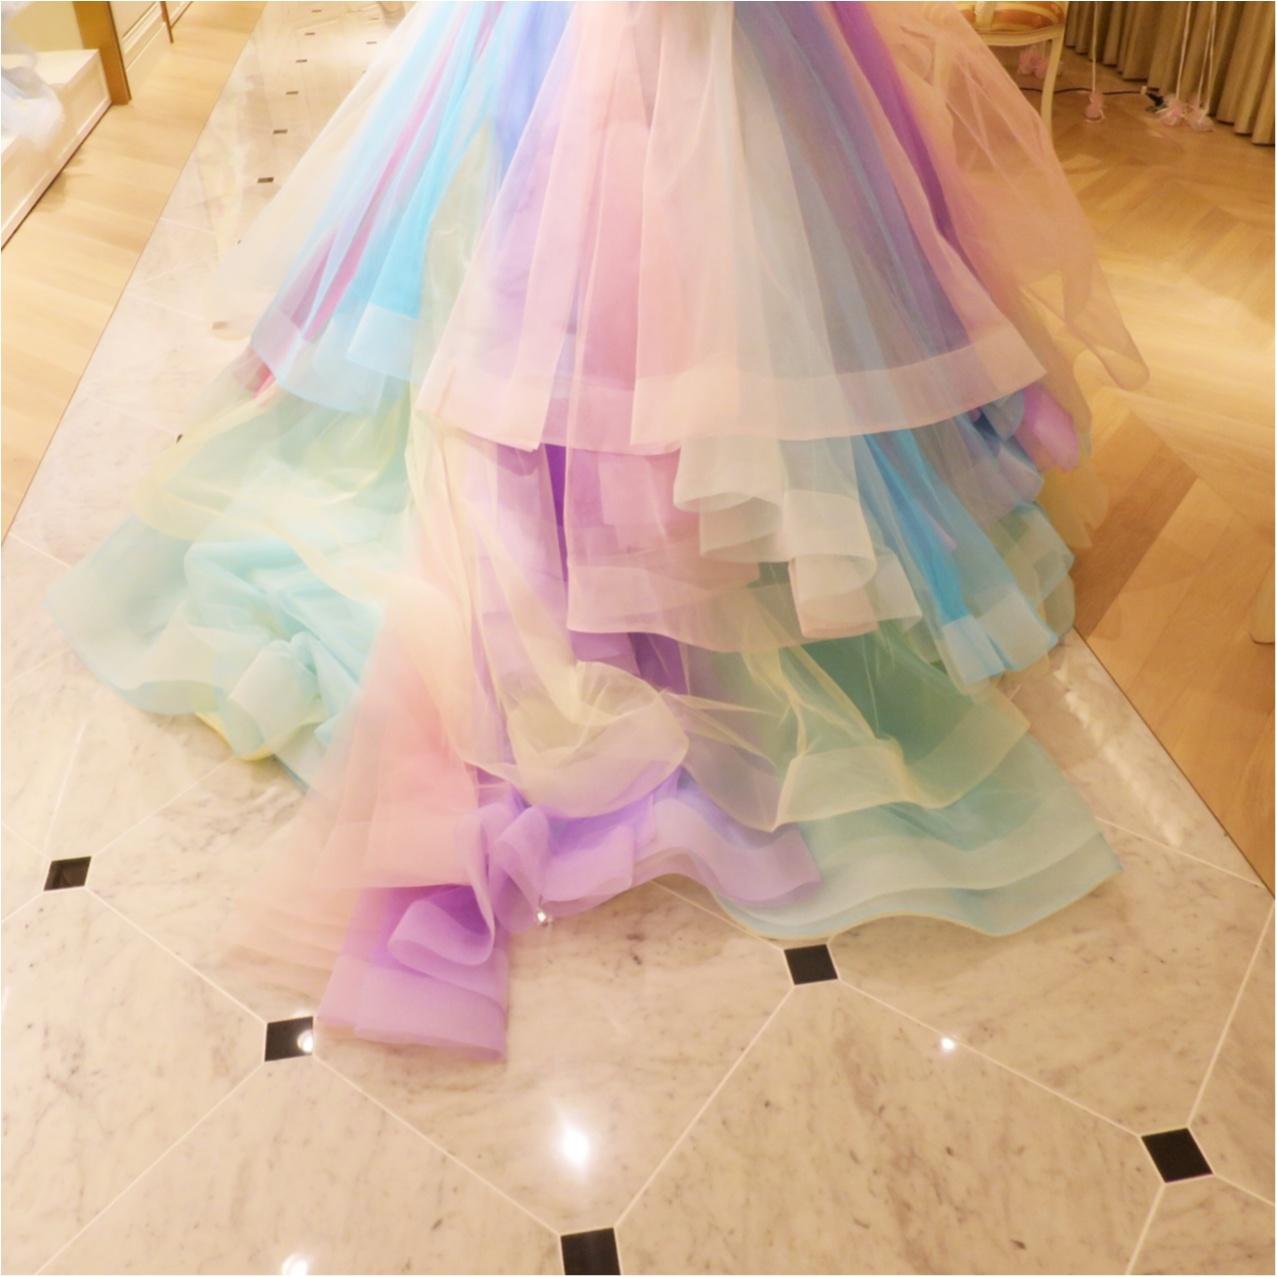 【Wedding】ウェディングドレス《 THE HANY(ザハニー) 》で人気No.1のレインボードレスがかわいすぎる♡_4